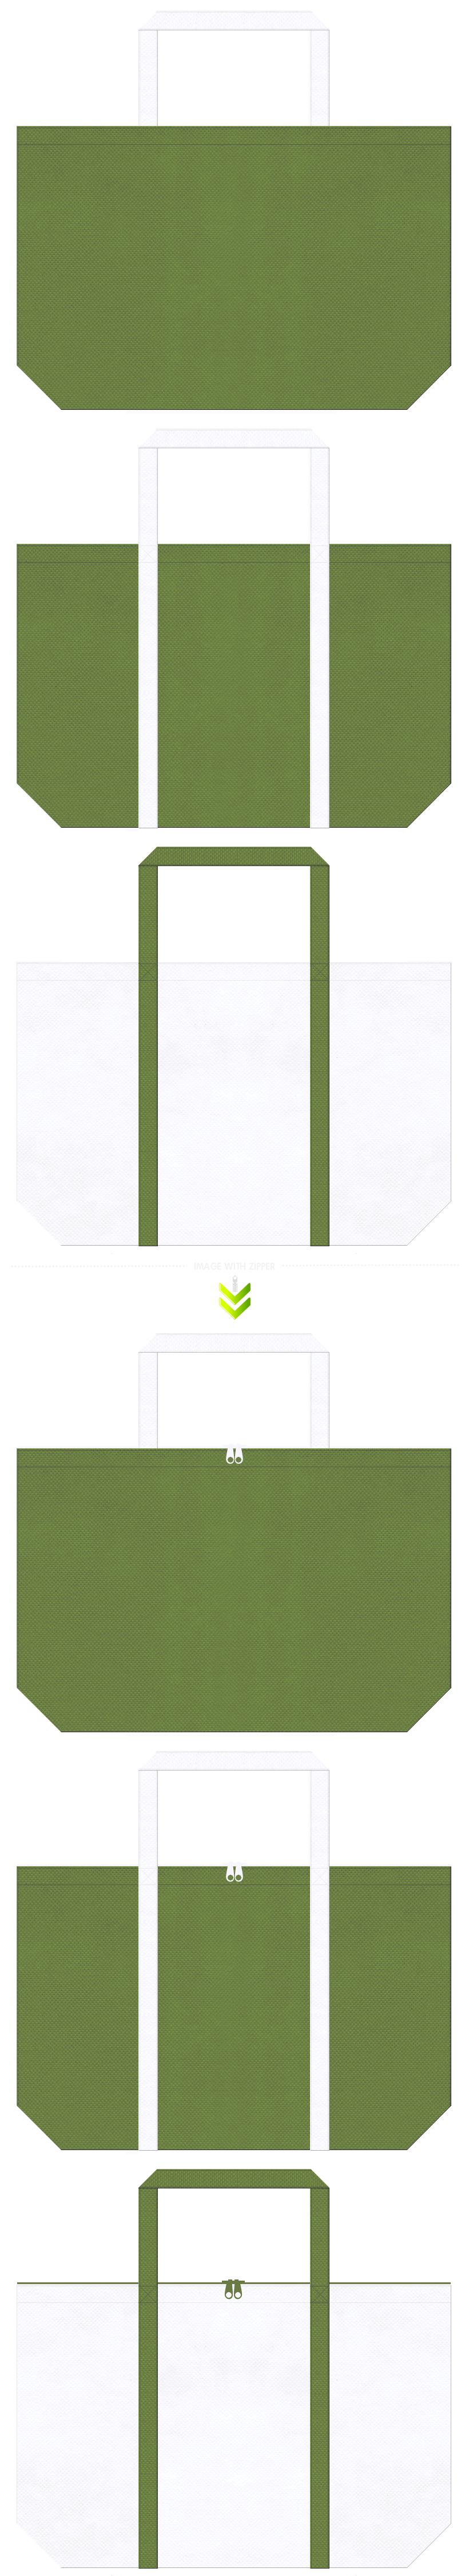 草色と白色の不織布バッグデザイン。